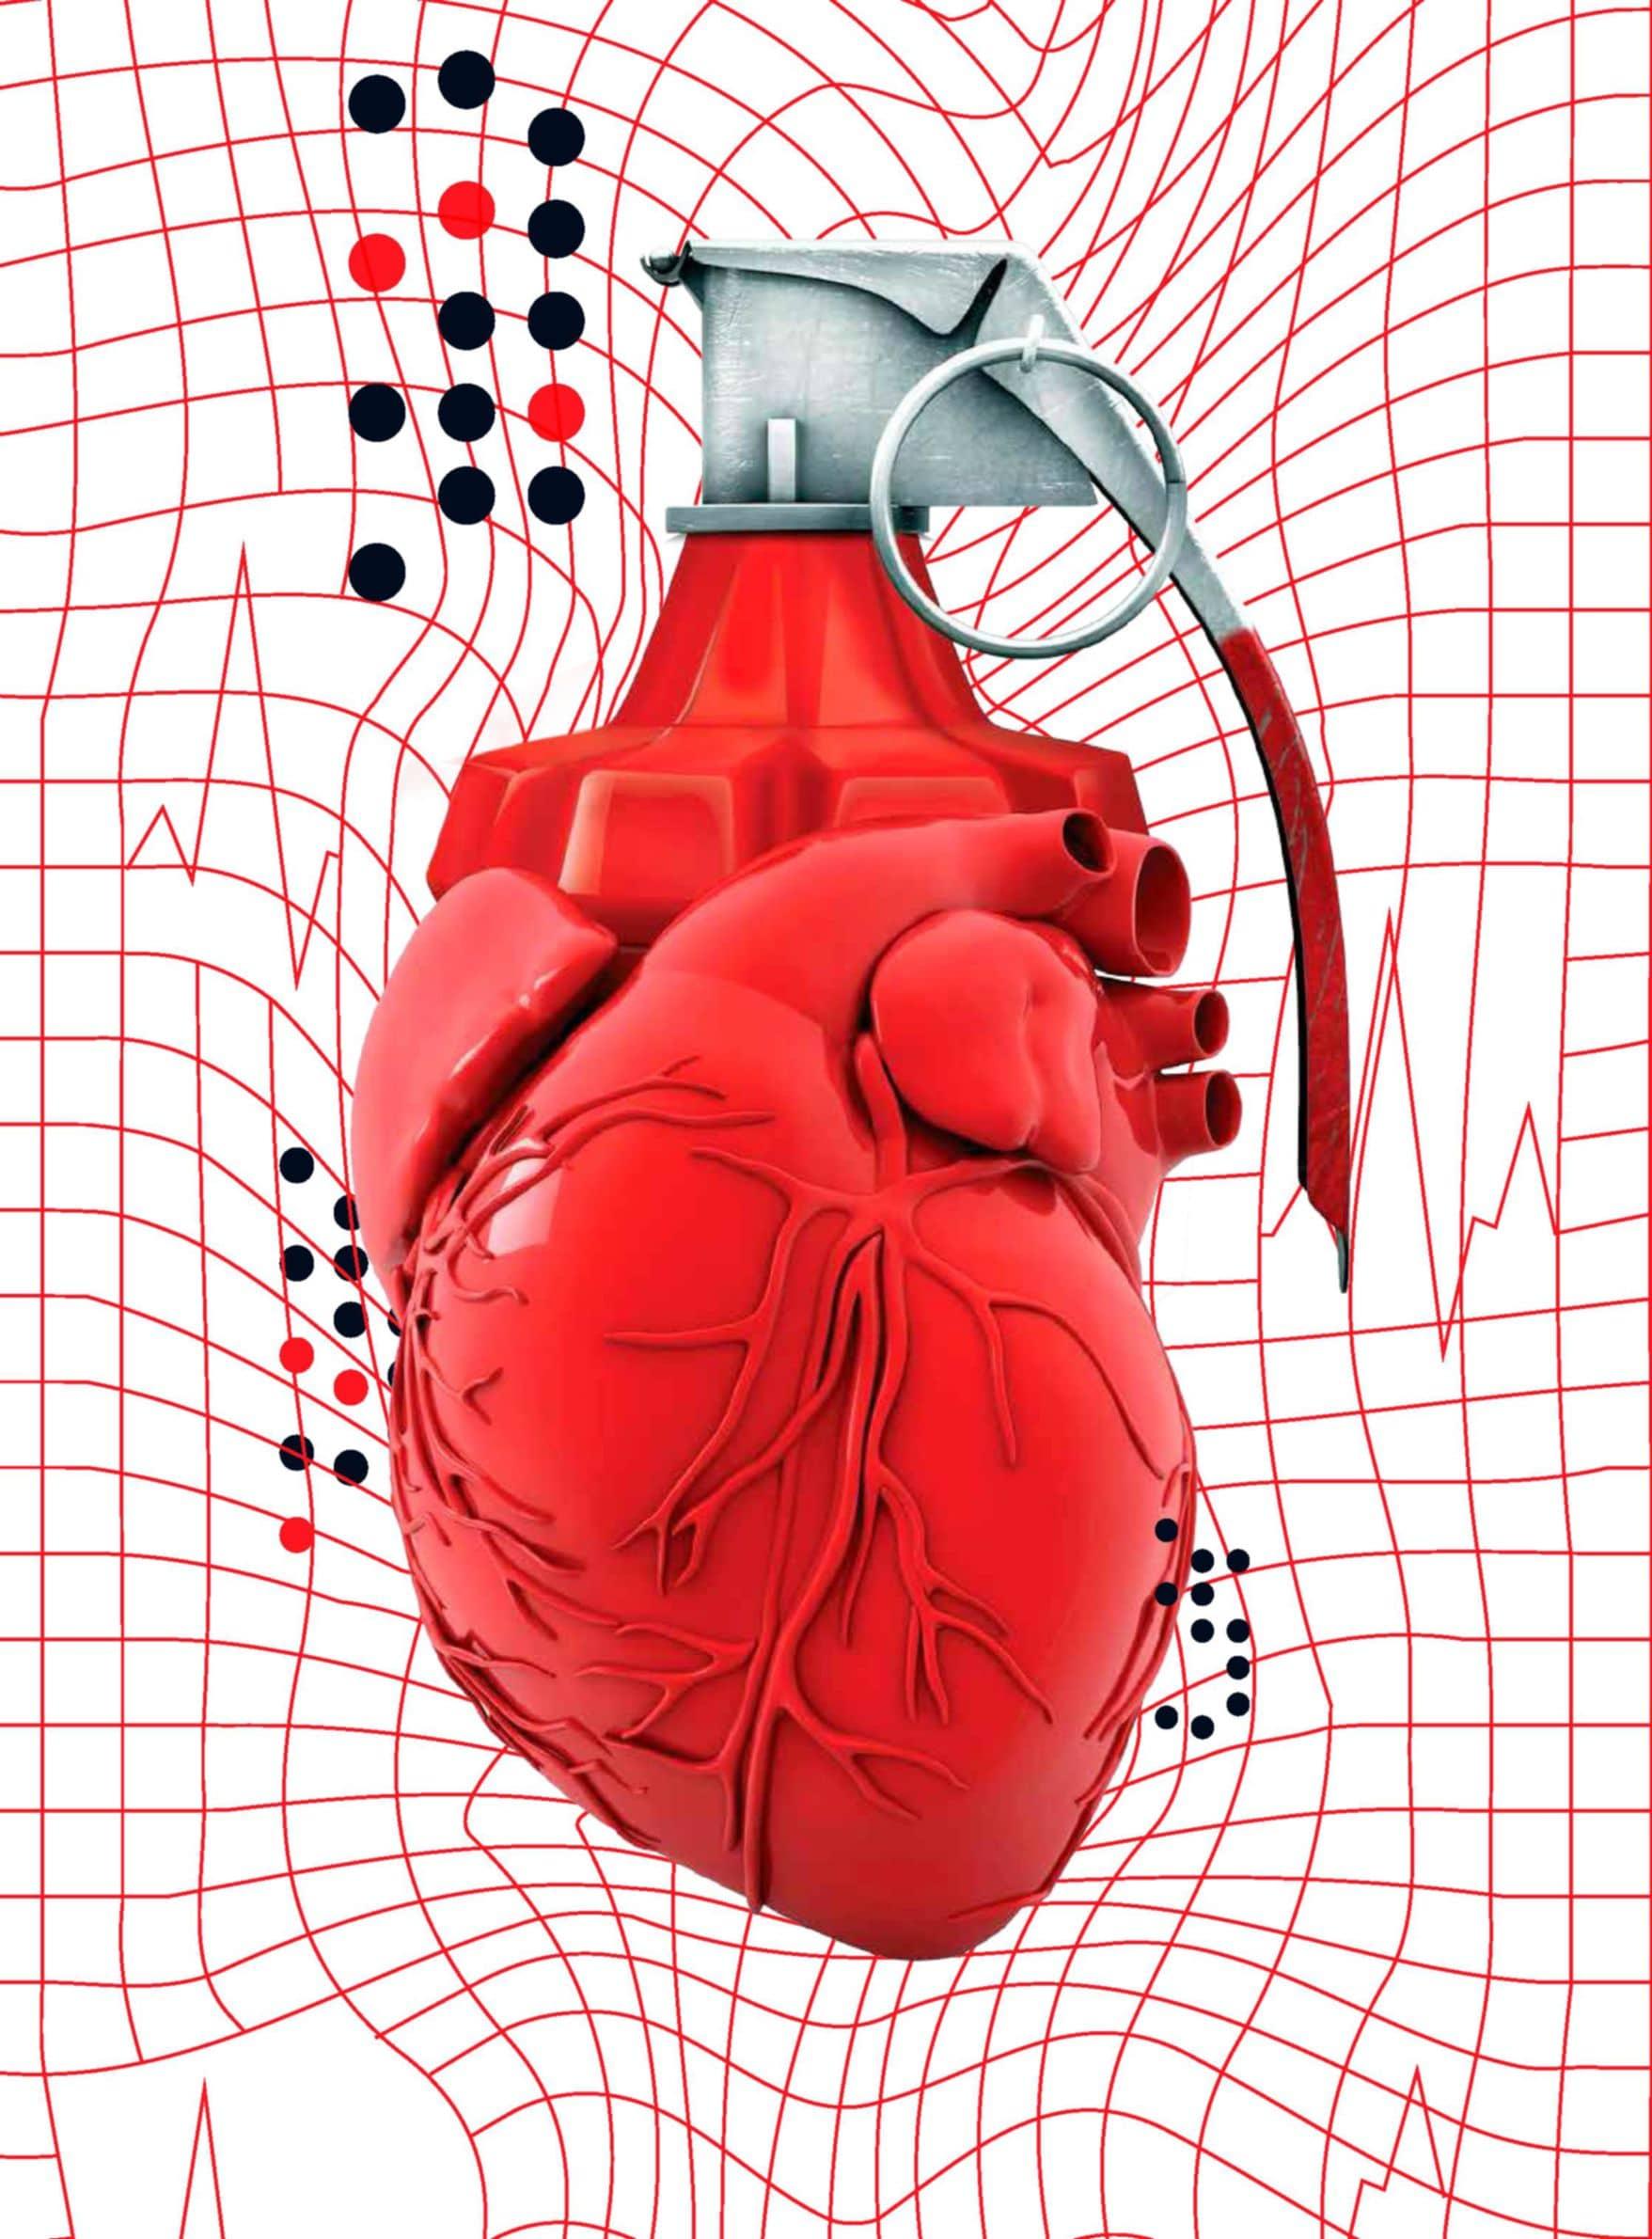 Ataques cardíacos: nadie está a salvo